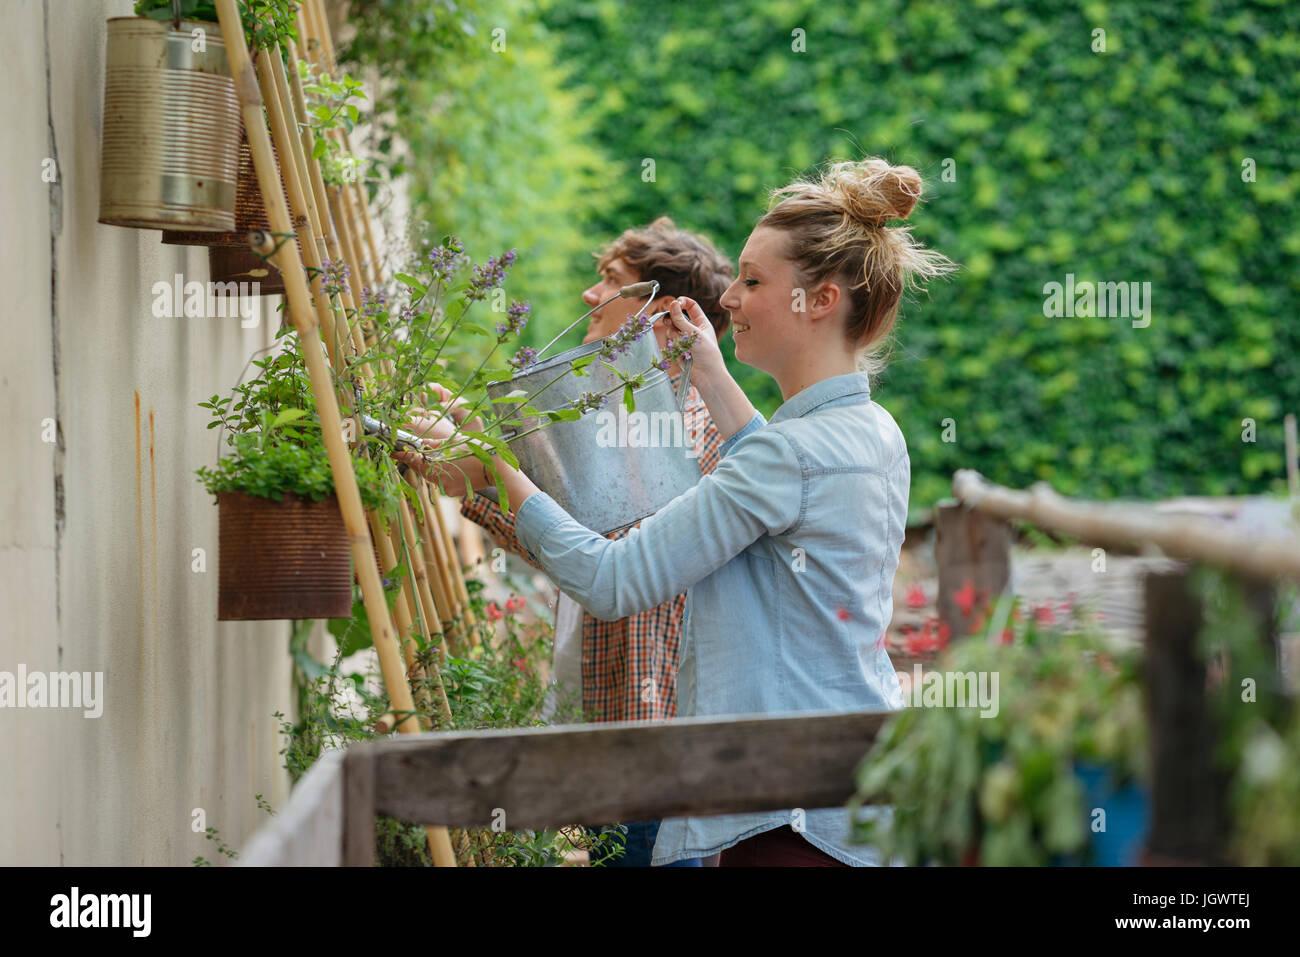 Jeune homme et femme ayant tendance à les plantes qui poussent dans des boîtes, jeune femme l'arrosage Photo Stock